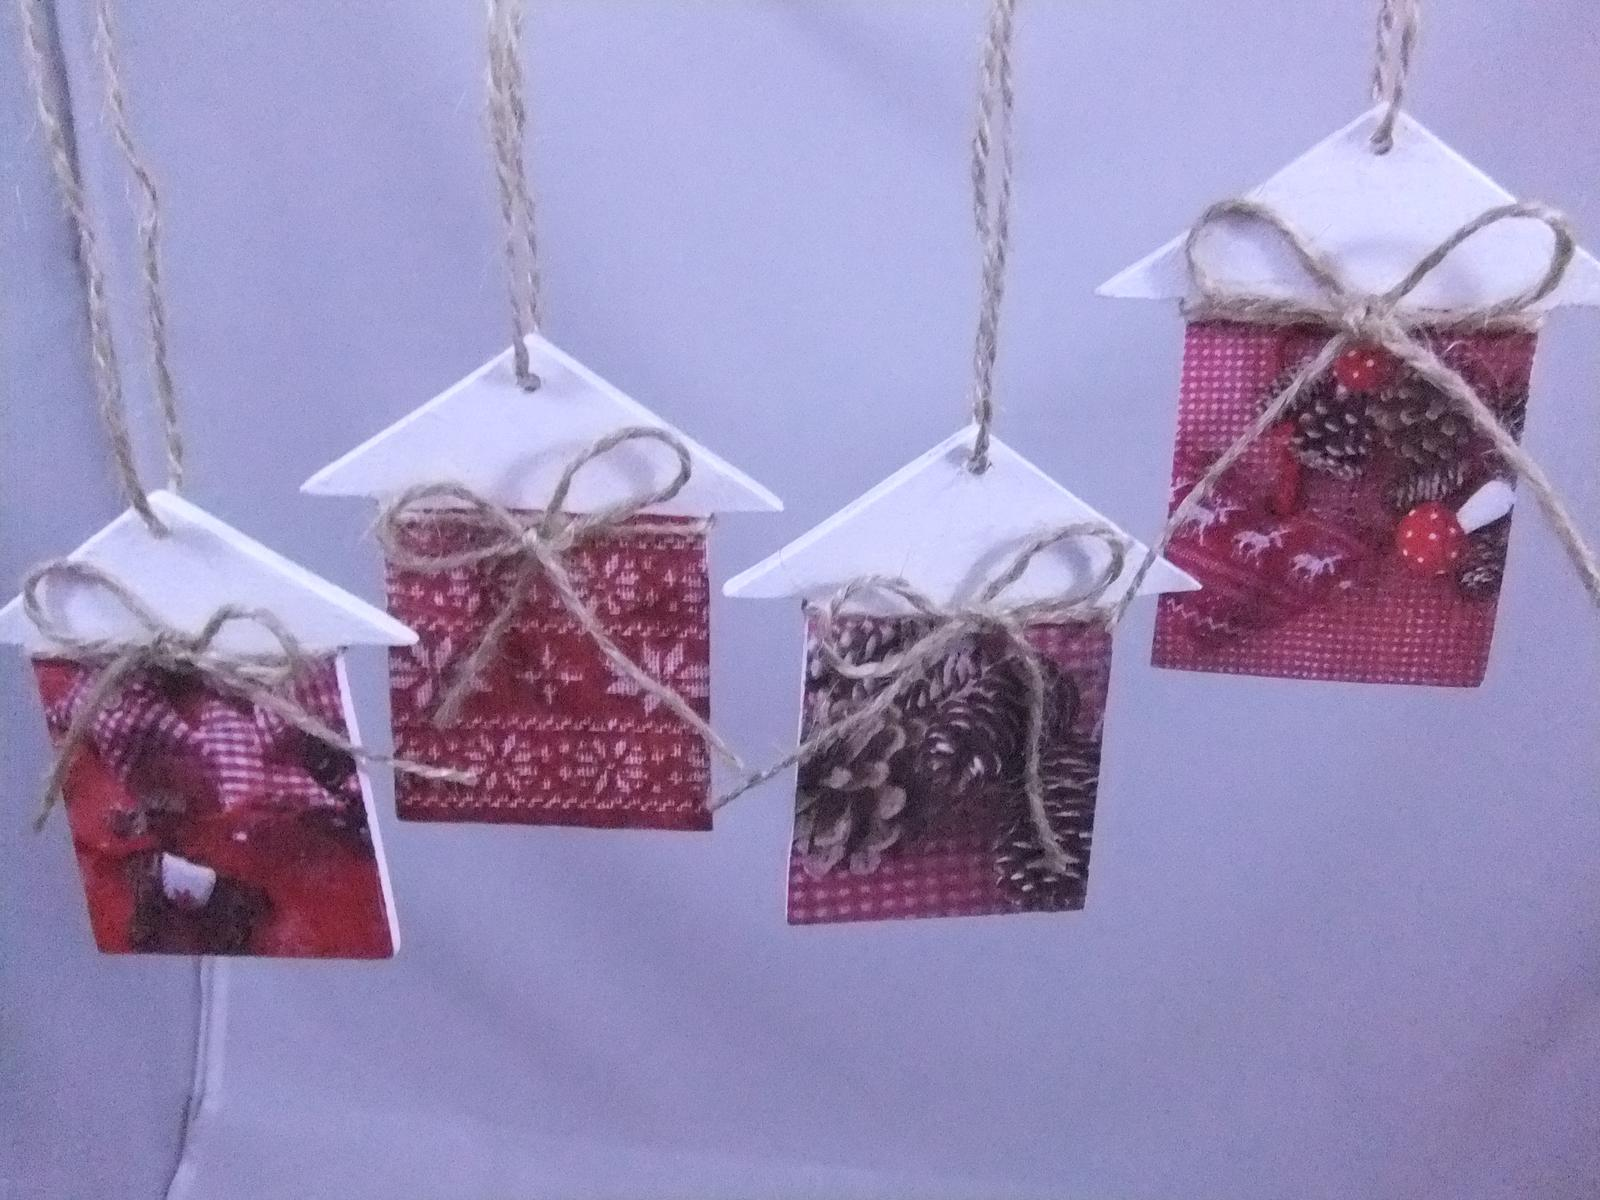 Vianočné domčeky,cena spolu za 4ks s poštovným - Obrázok č. 1